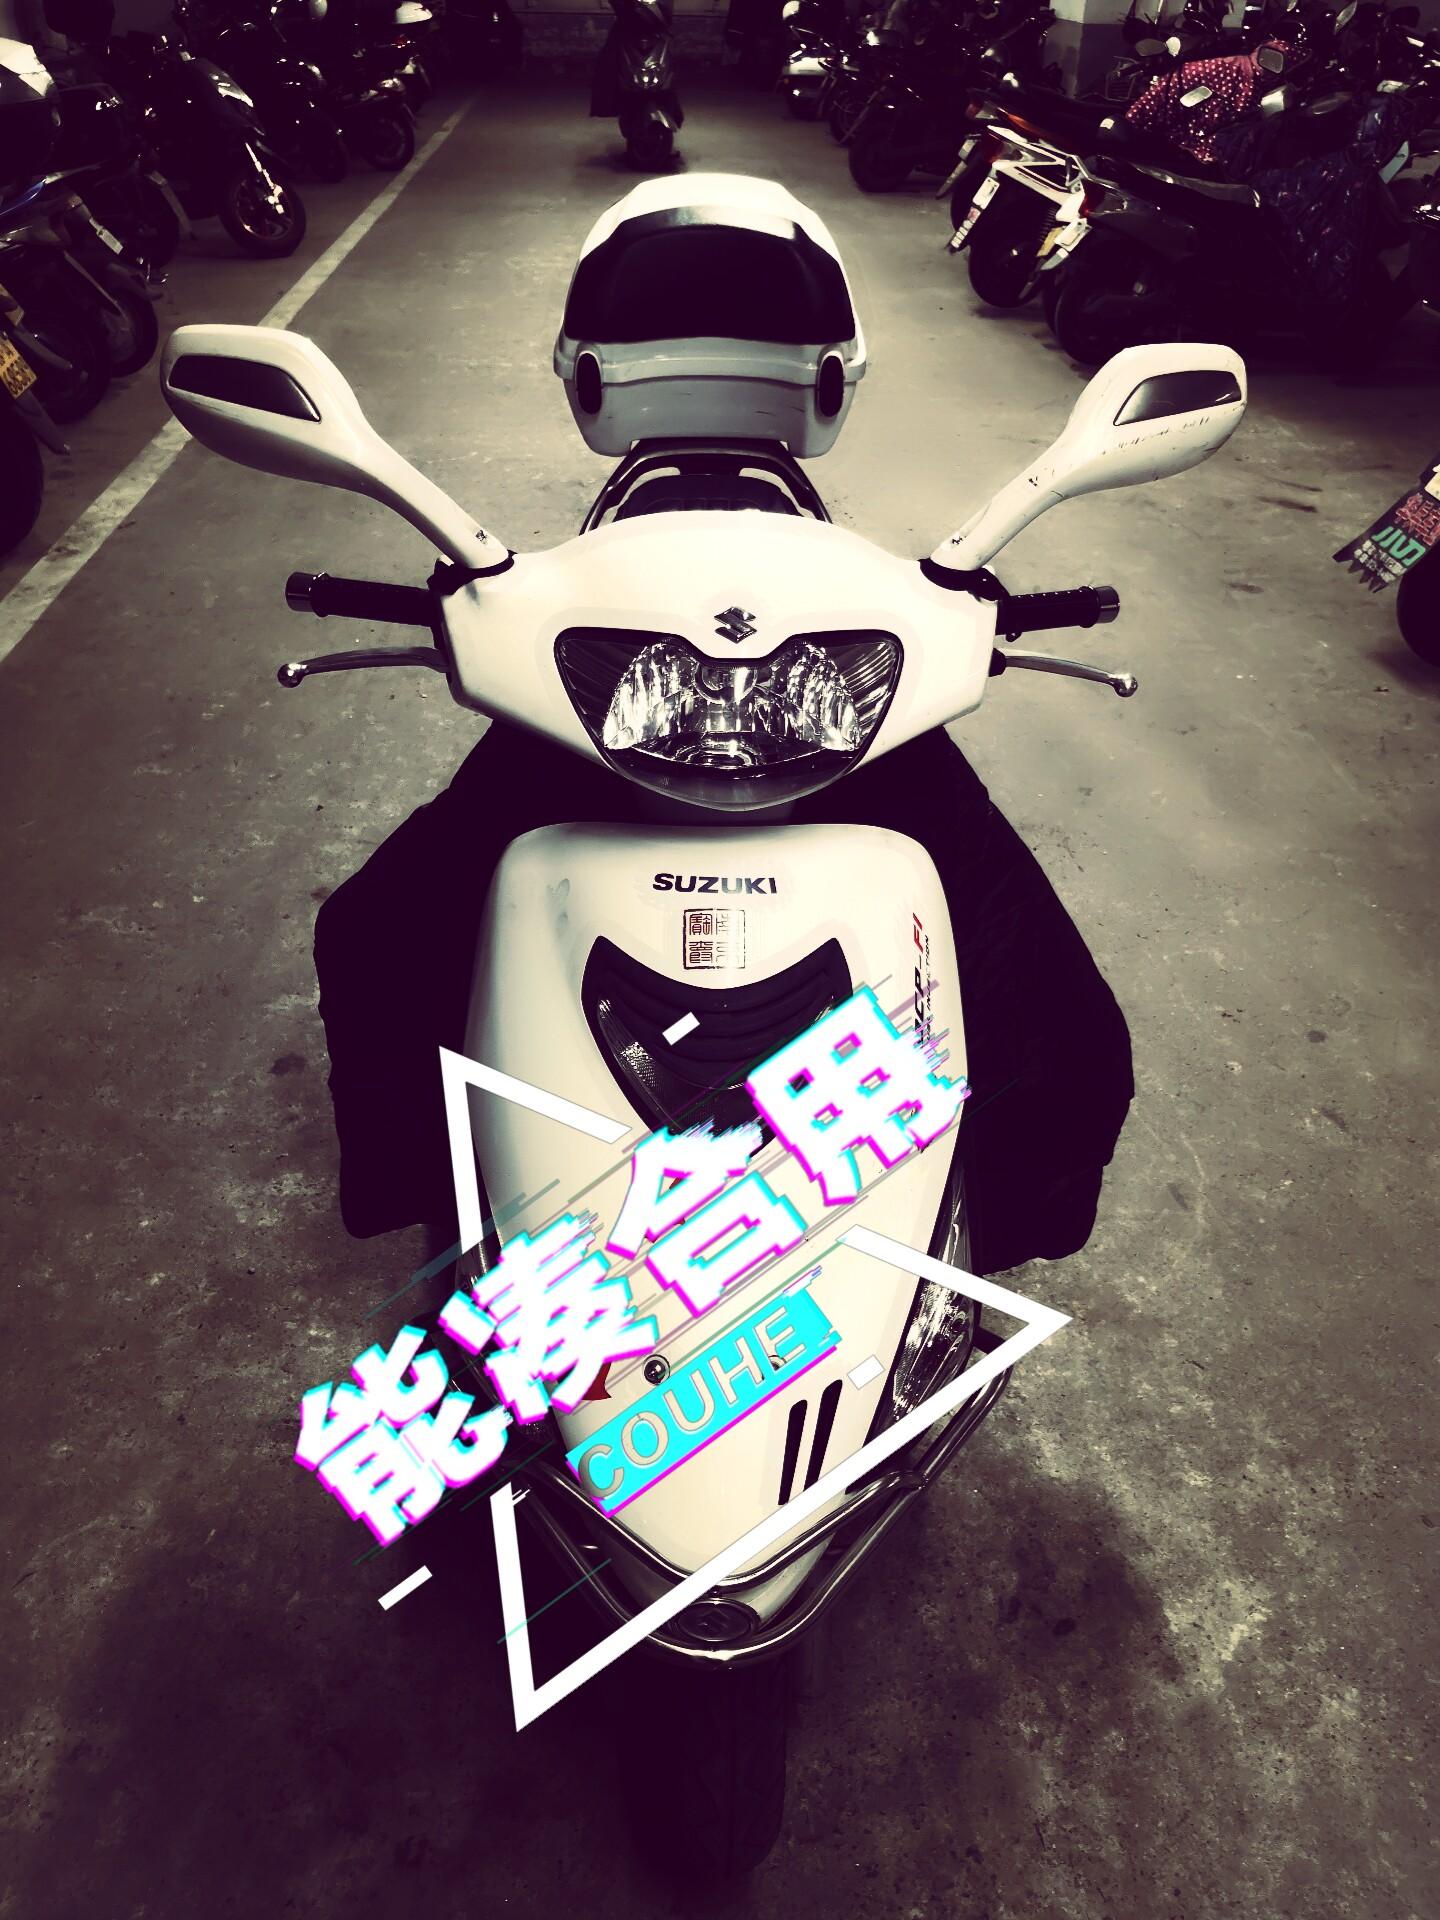 南京大牌摩托车 黄牌18电喷海王星,接受活车子置换。